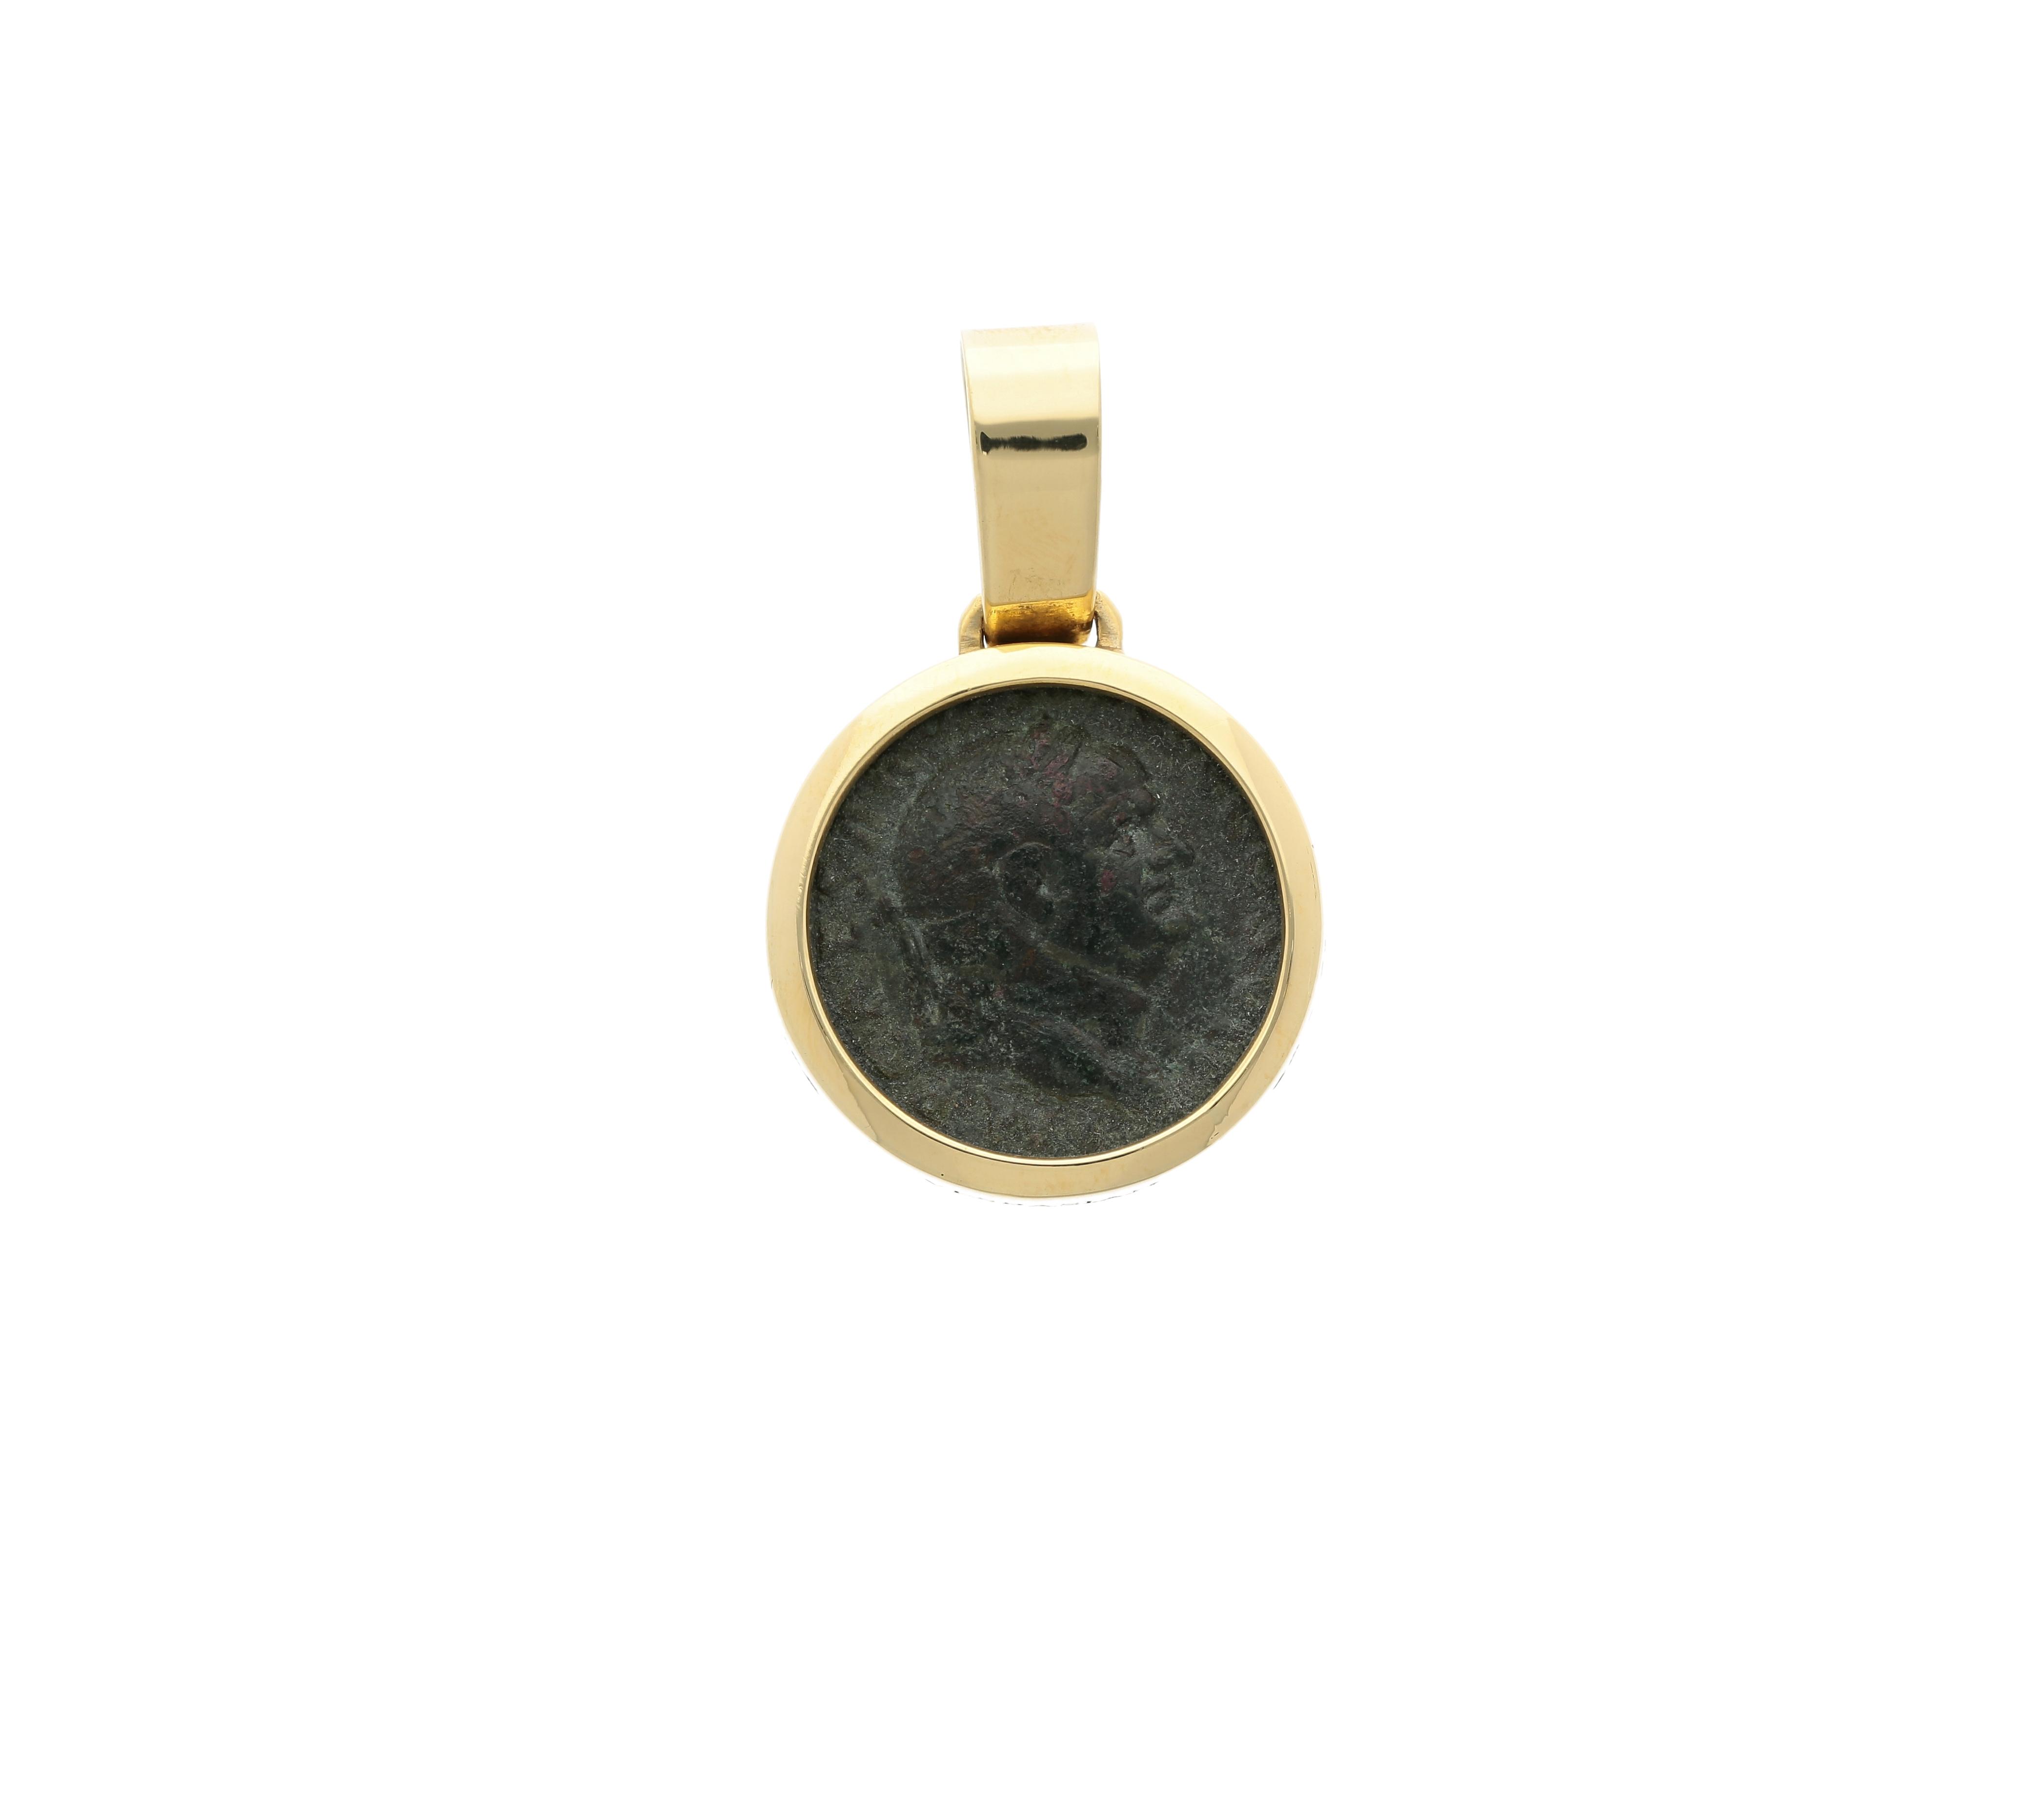 Emperor Vespasian Roman Coin Bronze denarius, frame 18kt gold